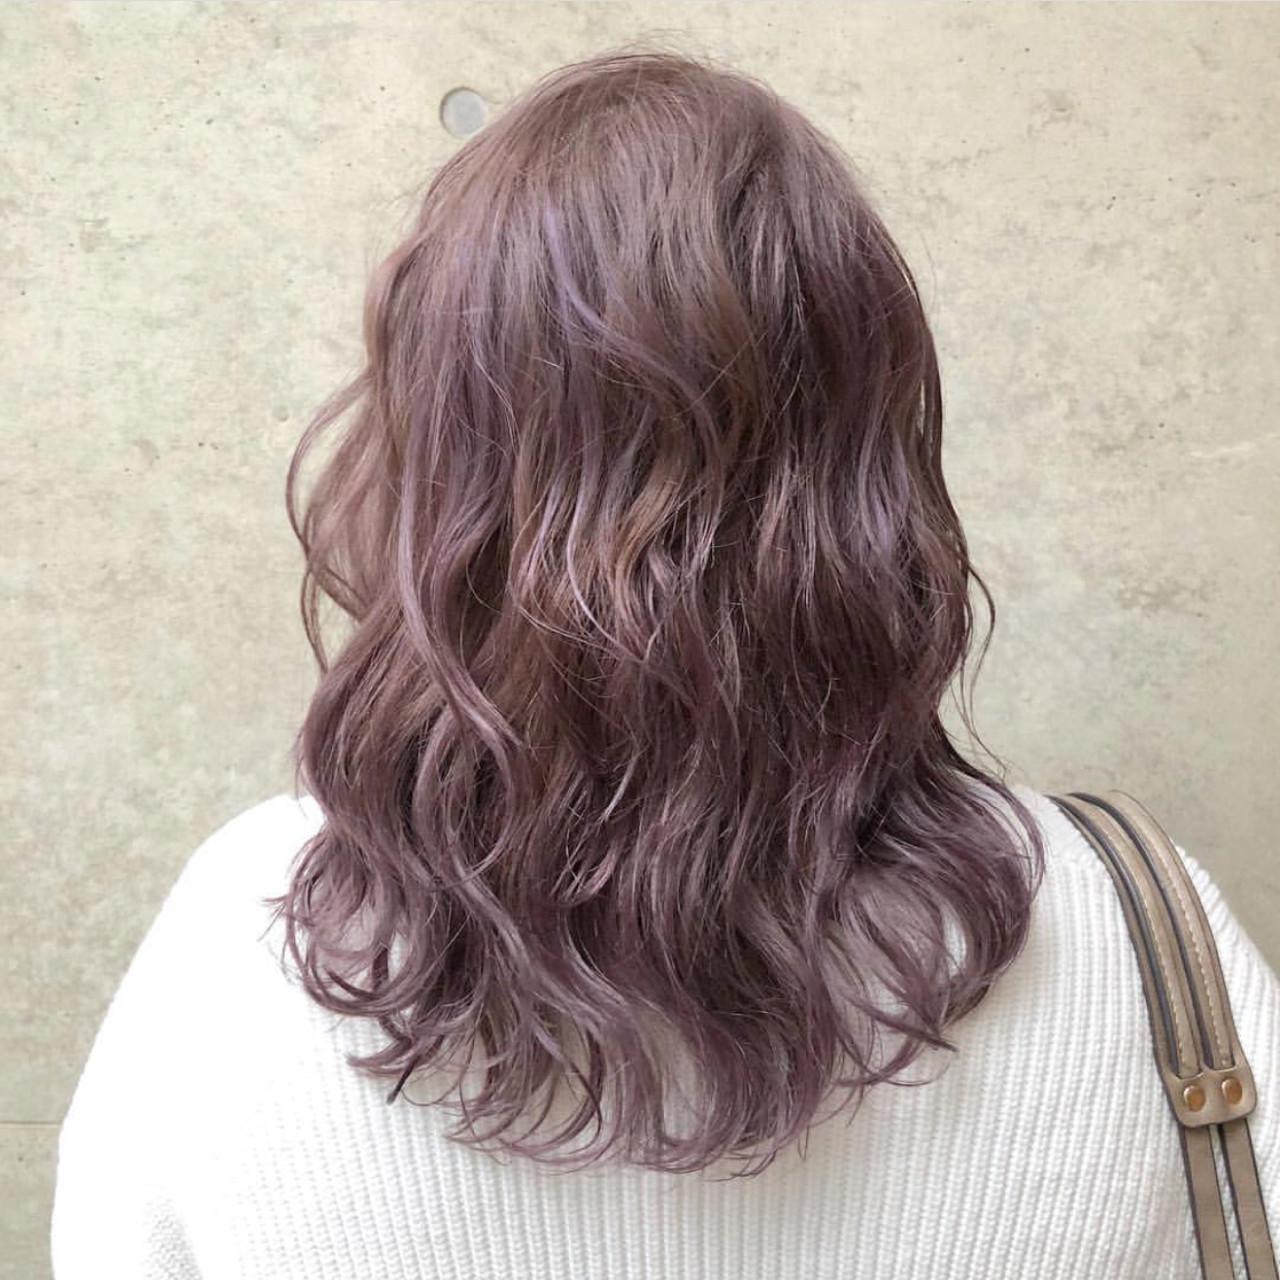 ラベンダー ストリート ラベンダーアッシュ 外国人風カラー ヘアスタイルや髪型の写真・画像